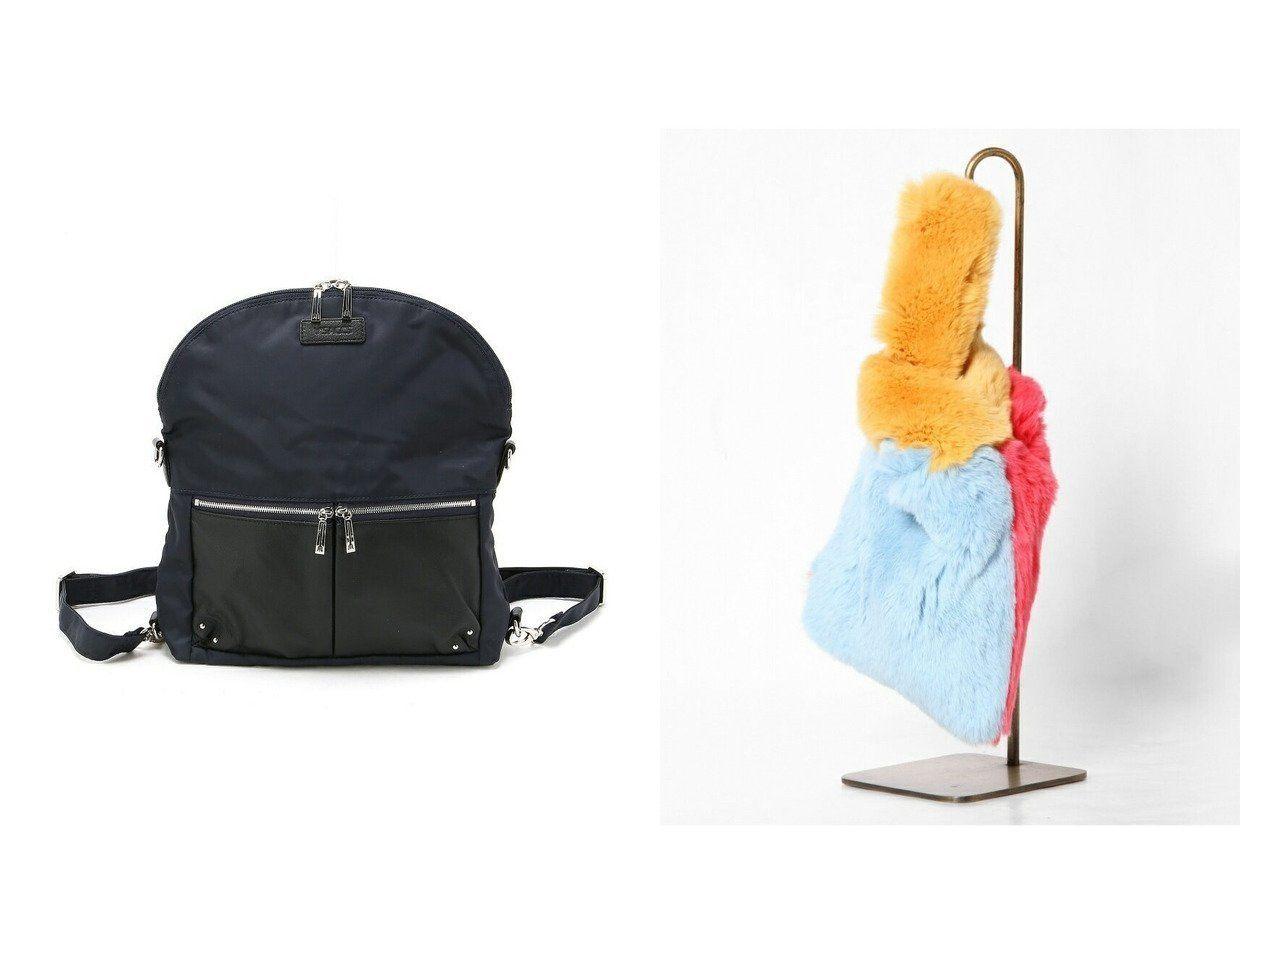 9c6cb29200c1 おすすめの人気、ファッション・バッグ・鞄 【GRACE CONTINENTAL/グレース コンチネンタル】